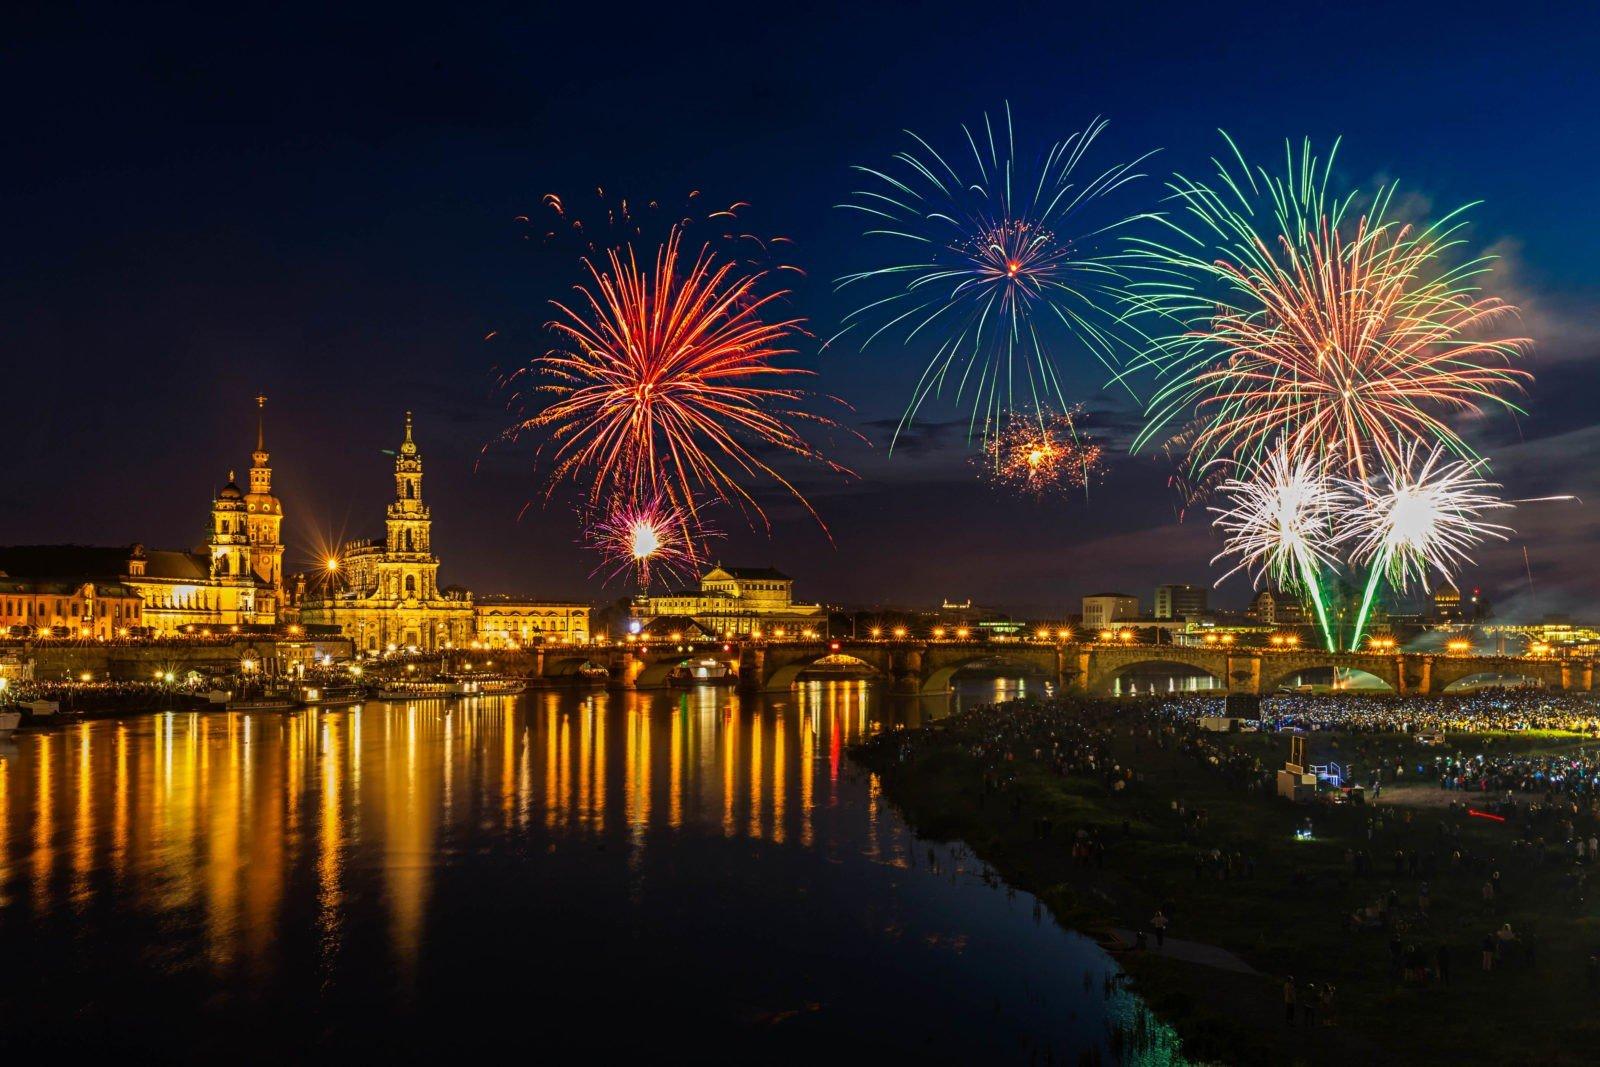 Wir begrüßen das neue Jahr 2017! - Mitteldeutsche Institut MIQR